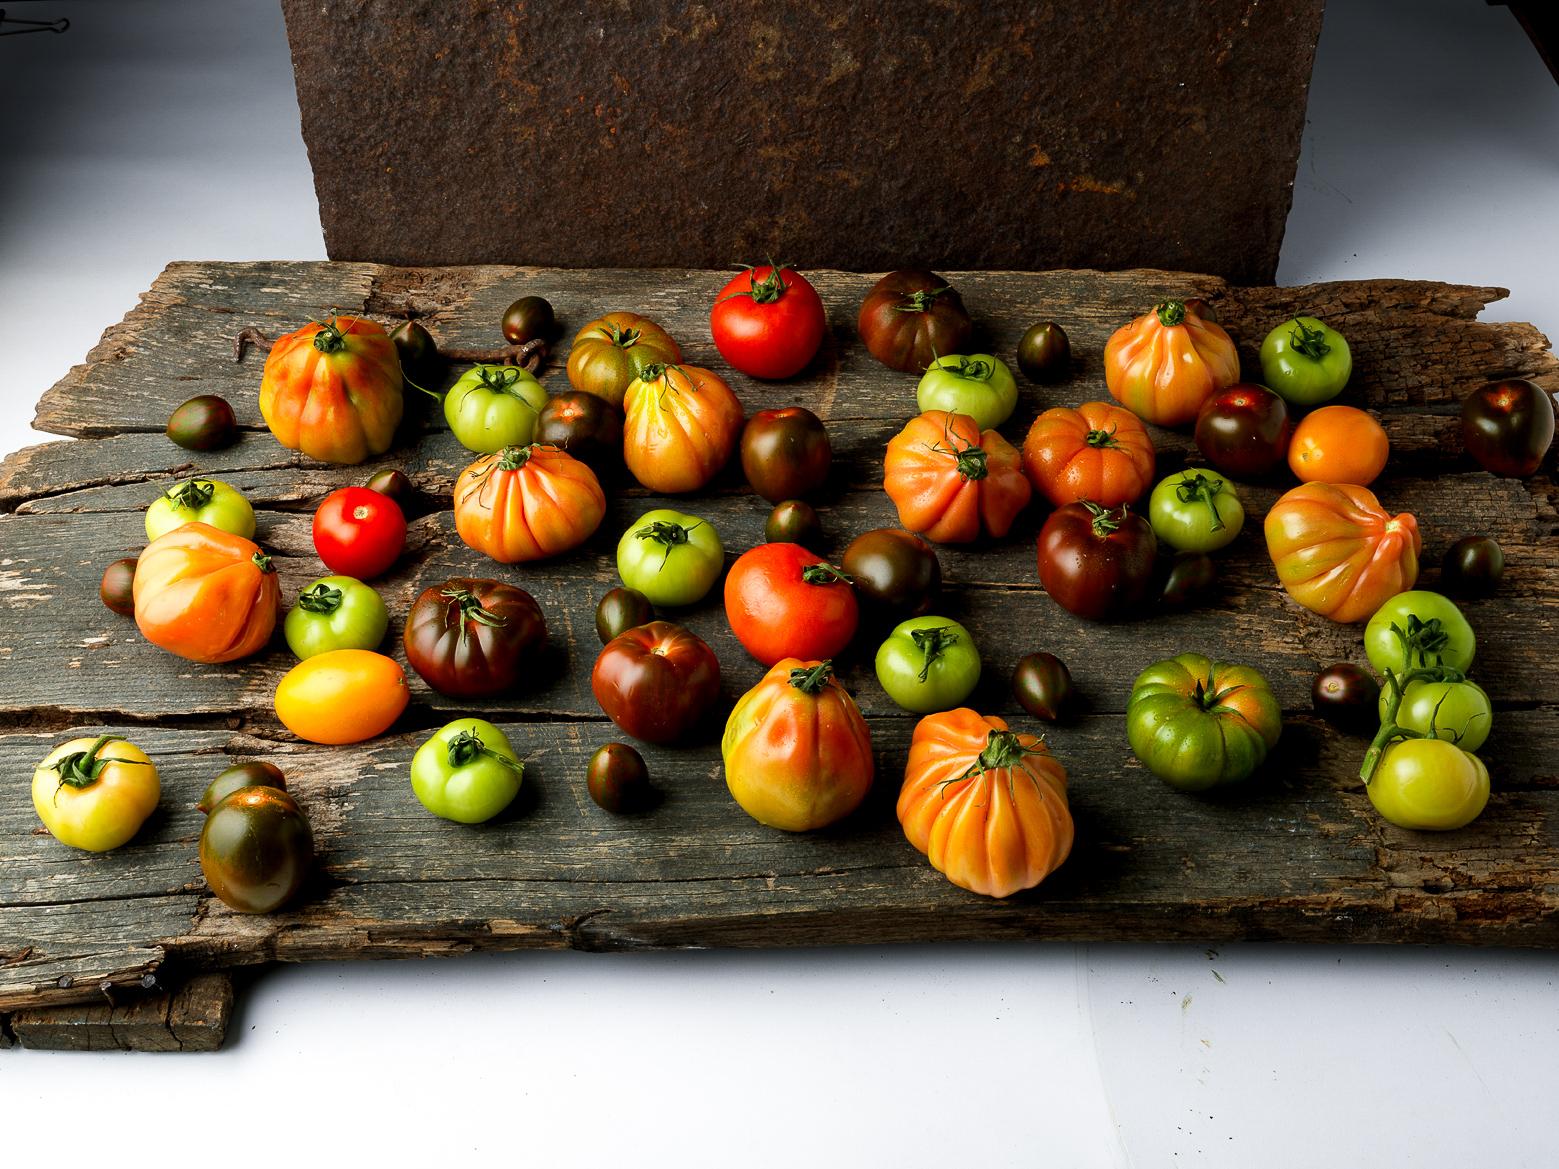 019a tomato varieties copy.jpg